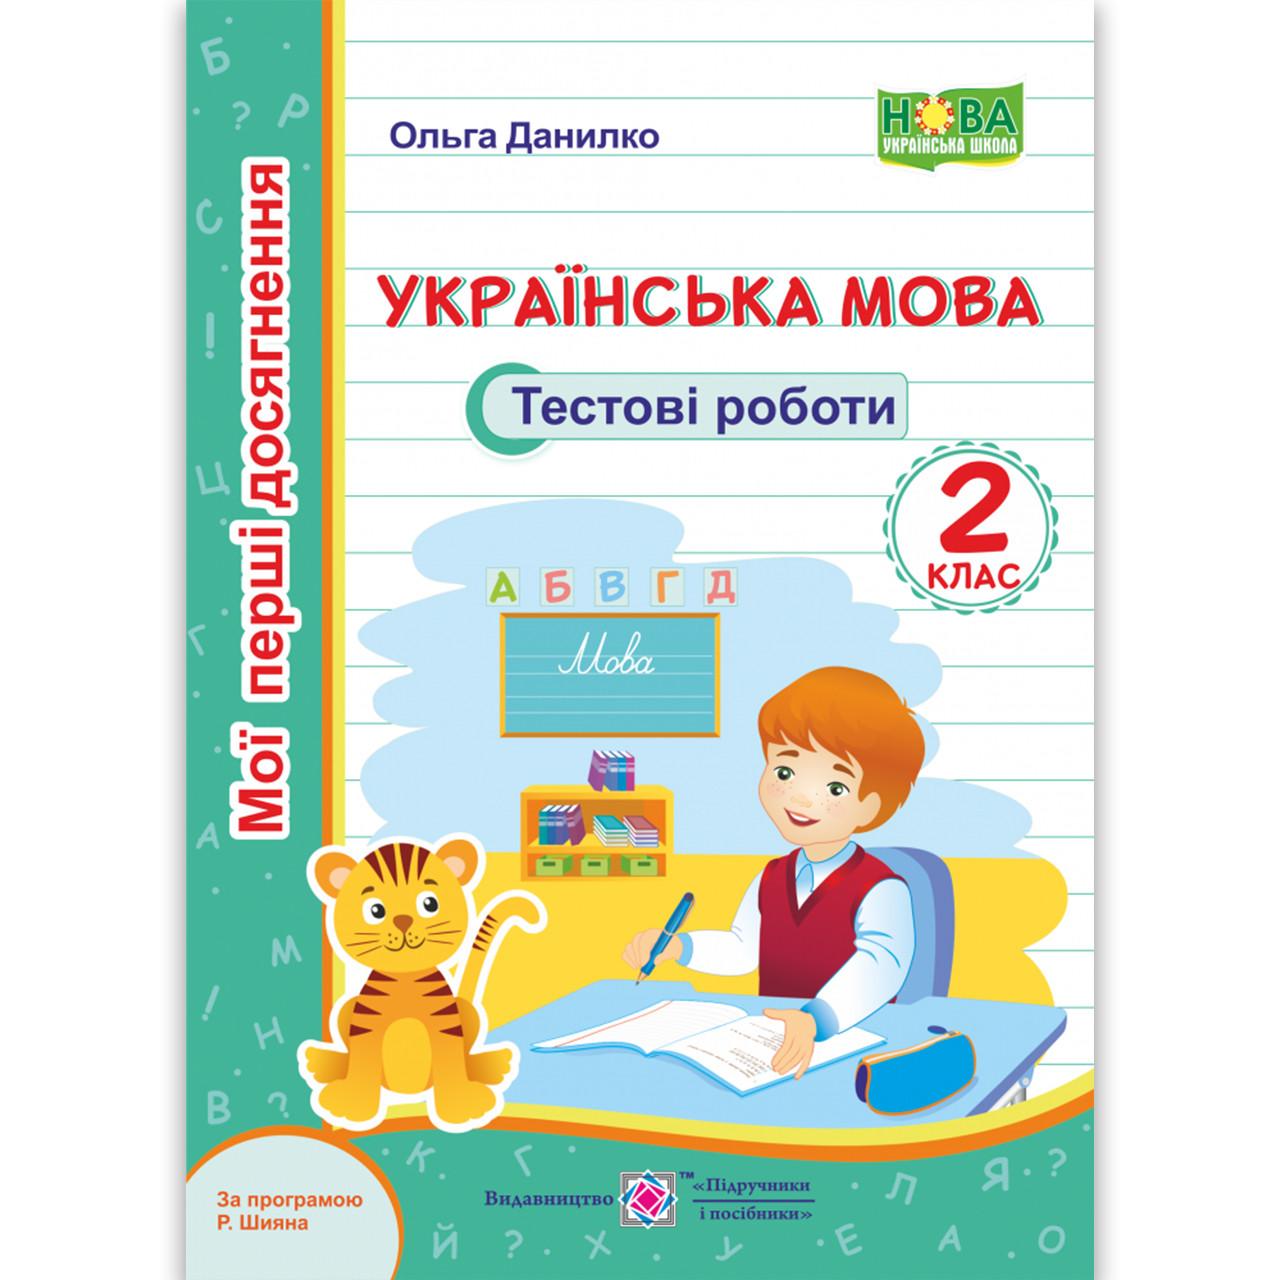 Тестові роботи Українська мова 2 клас За програмою Шияна Р. Авт: Данилко О. Вид: Підручники і Посібники